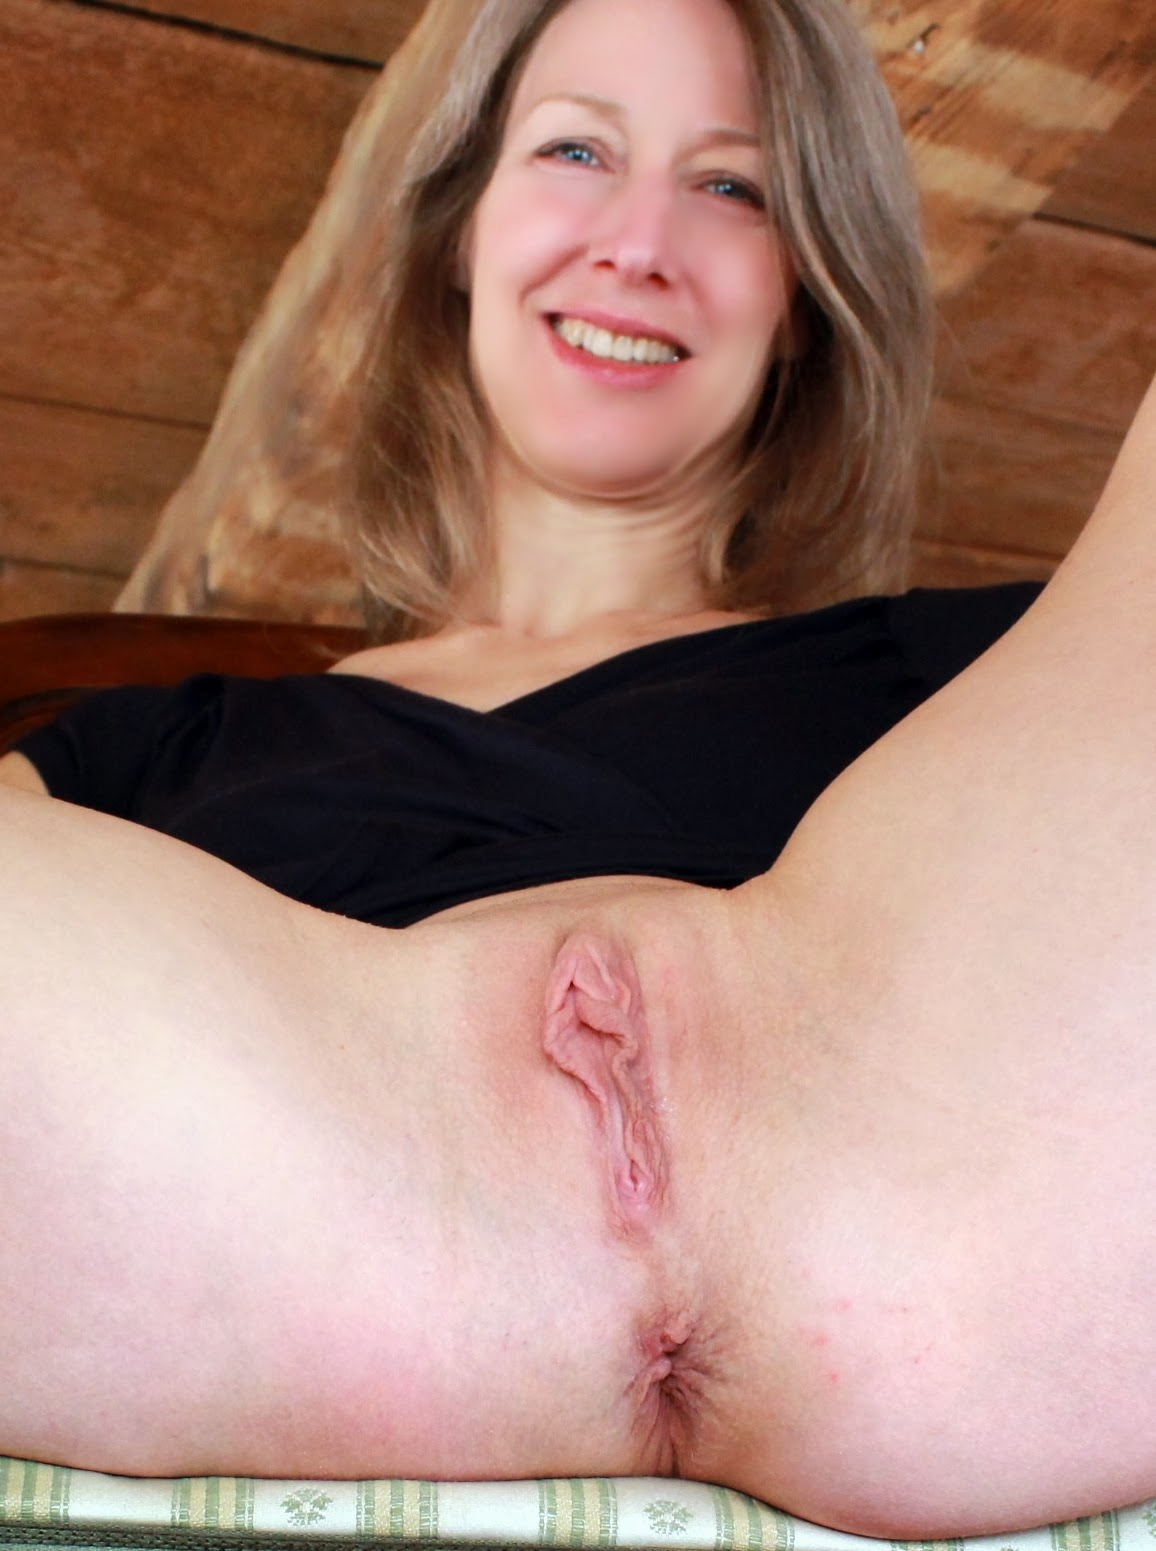 Lesbian butt babes annabelle lee amp dana vespoli 9